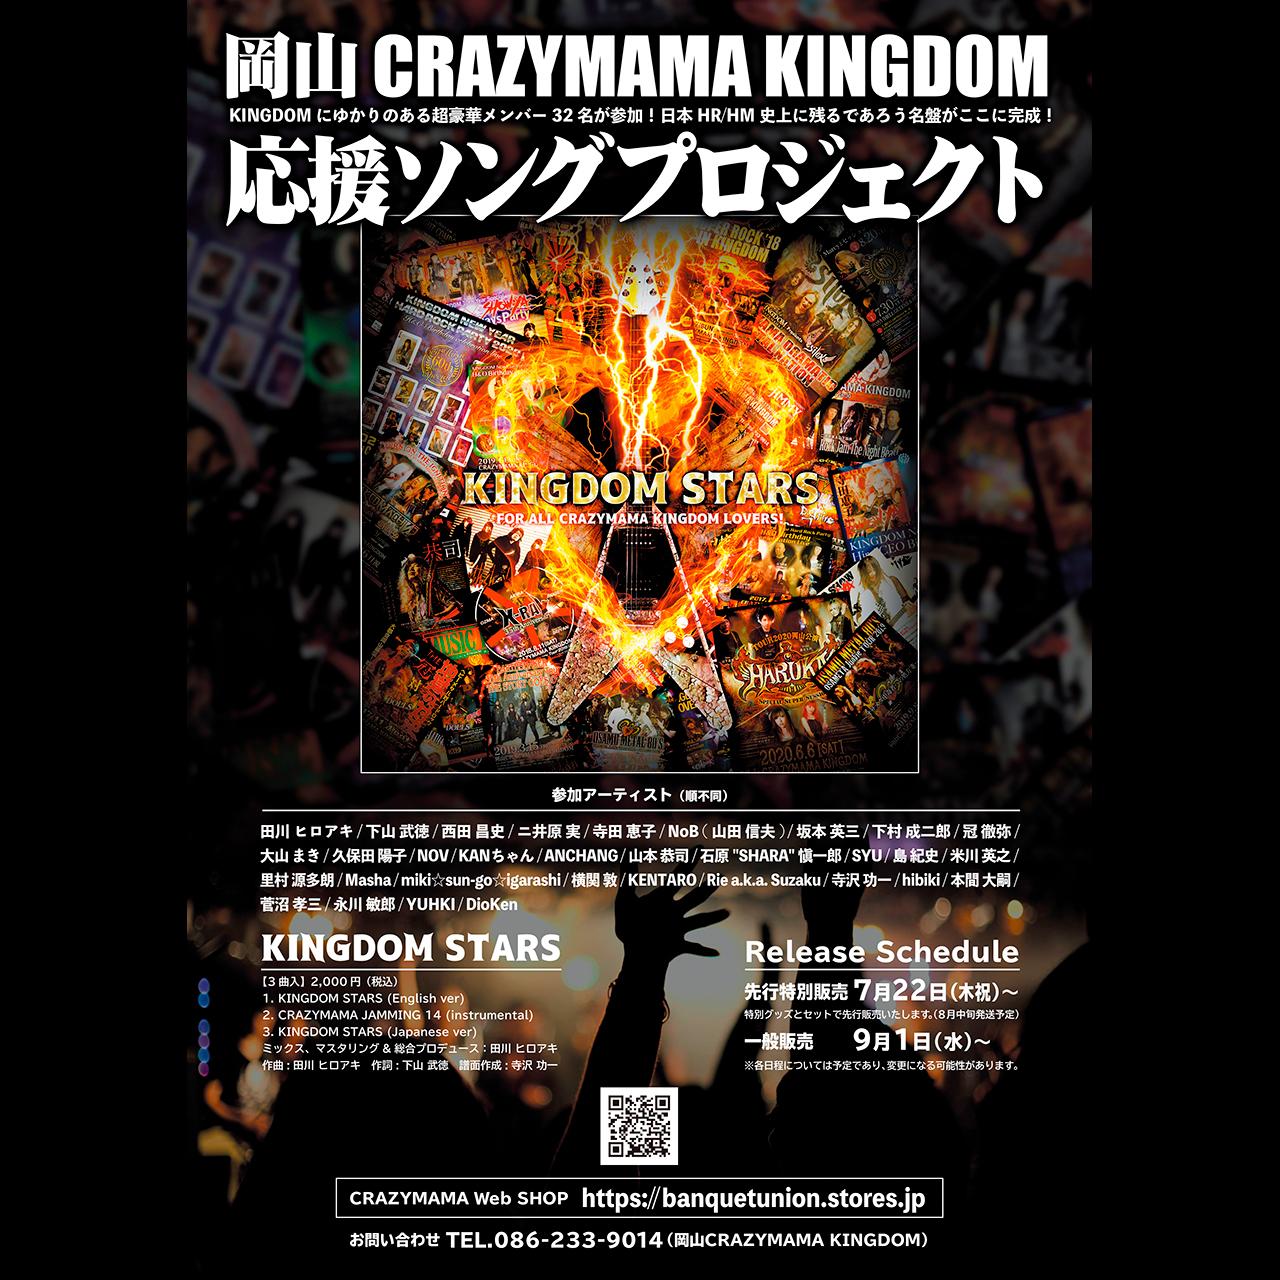 岡山CRAZYMAMA KINGDOM応援ソングプロジェクト:『KINGDOM STARS』